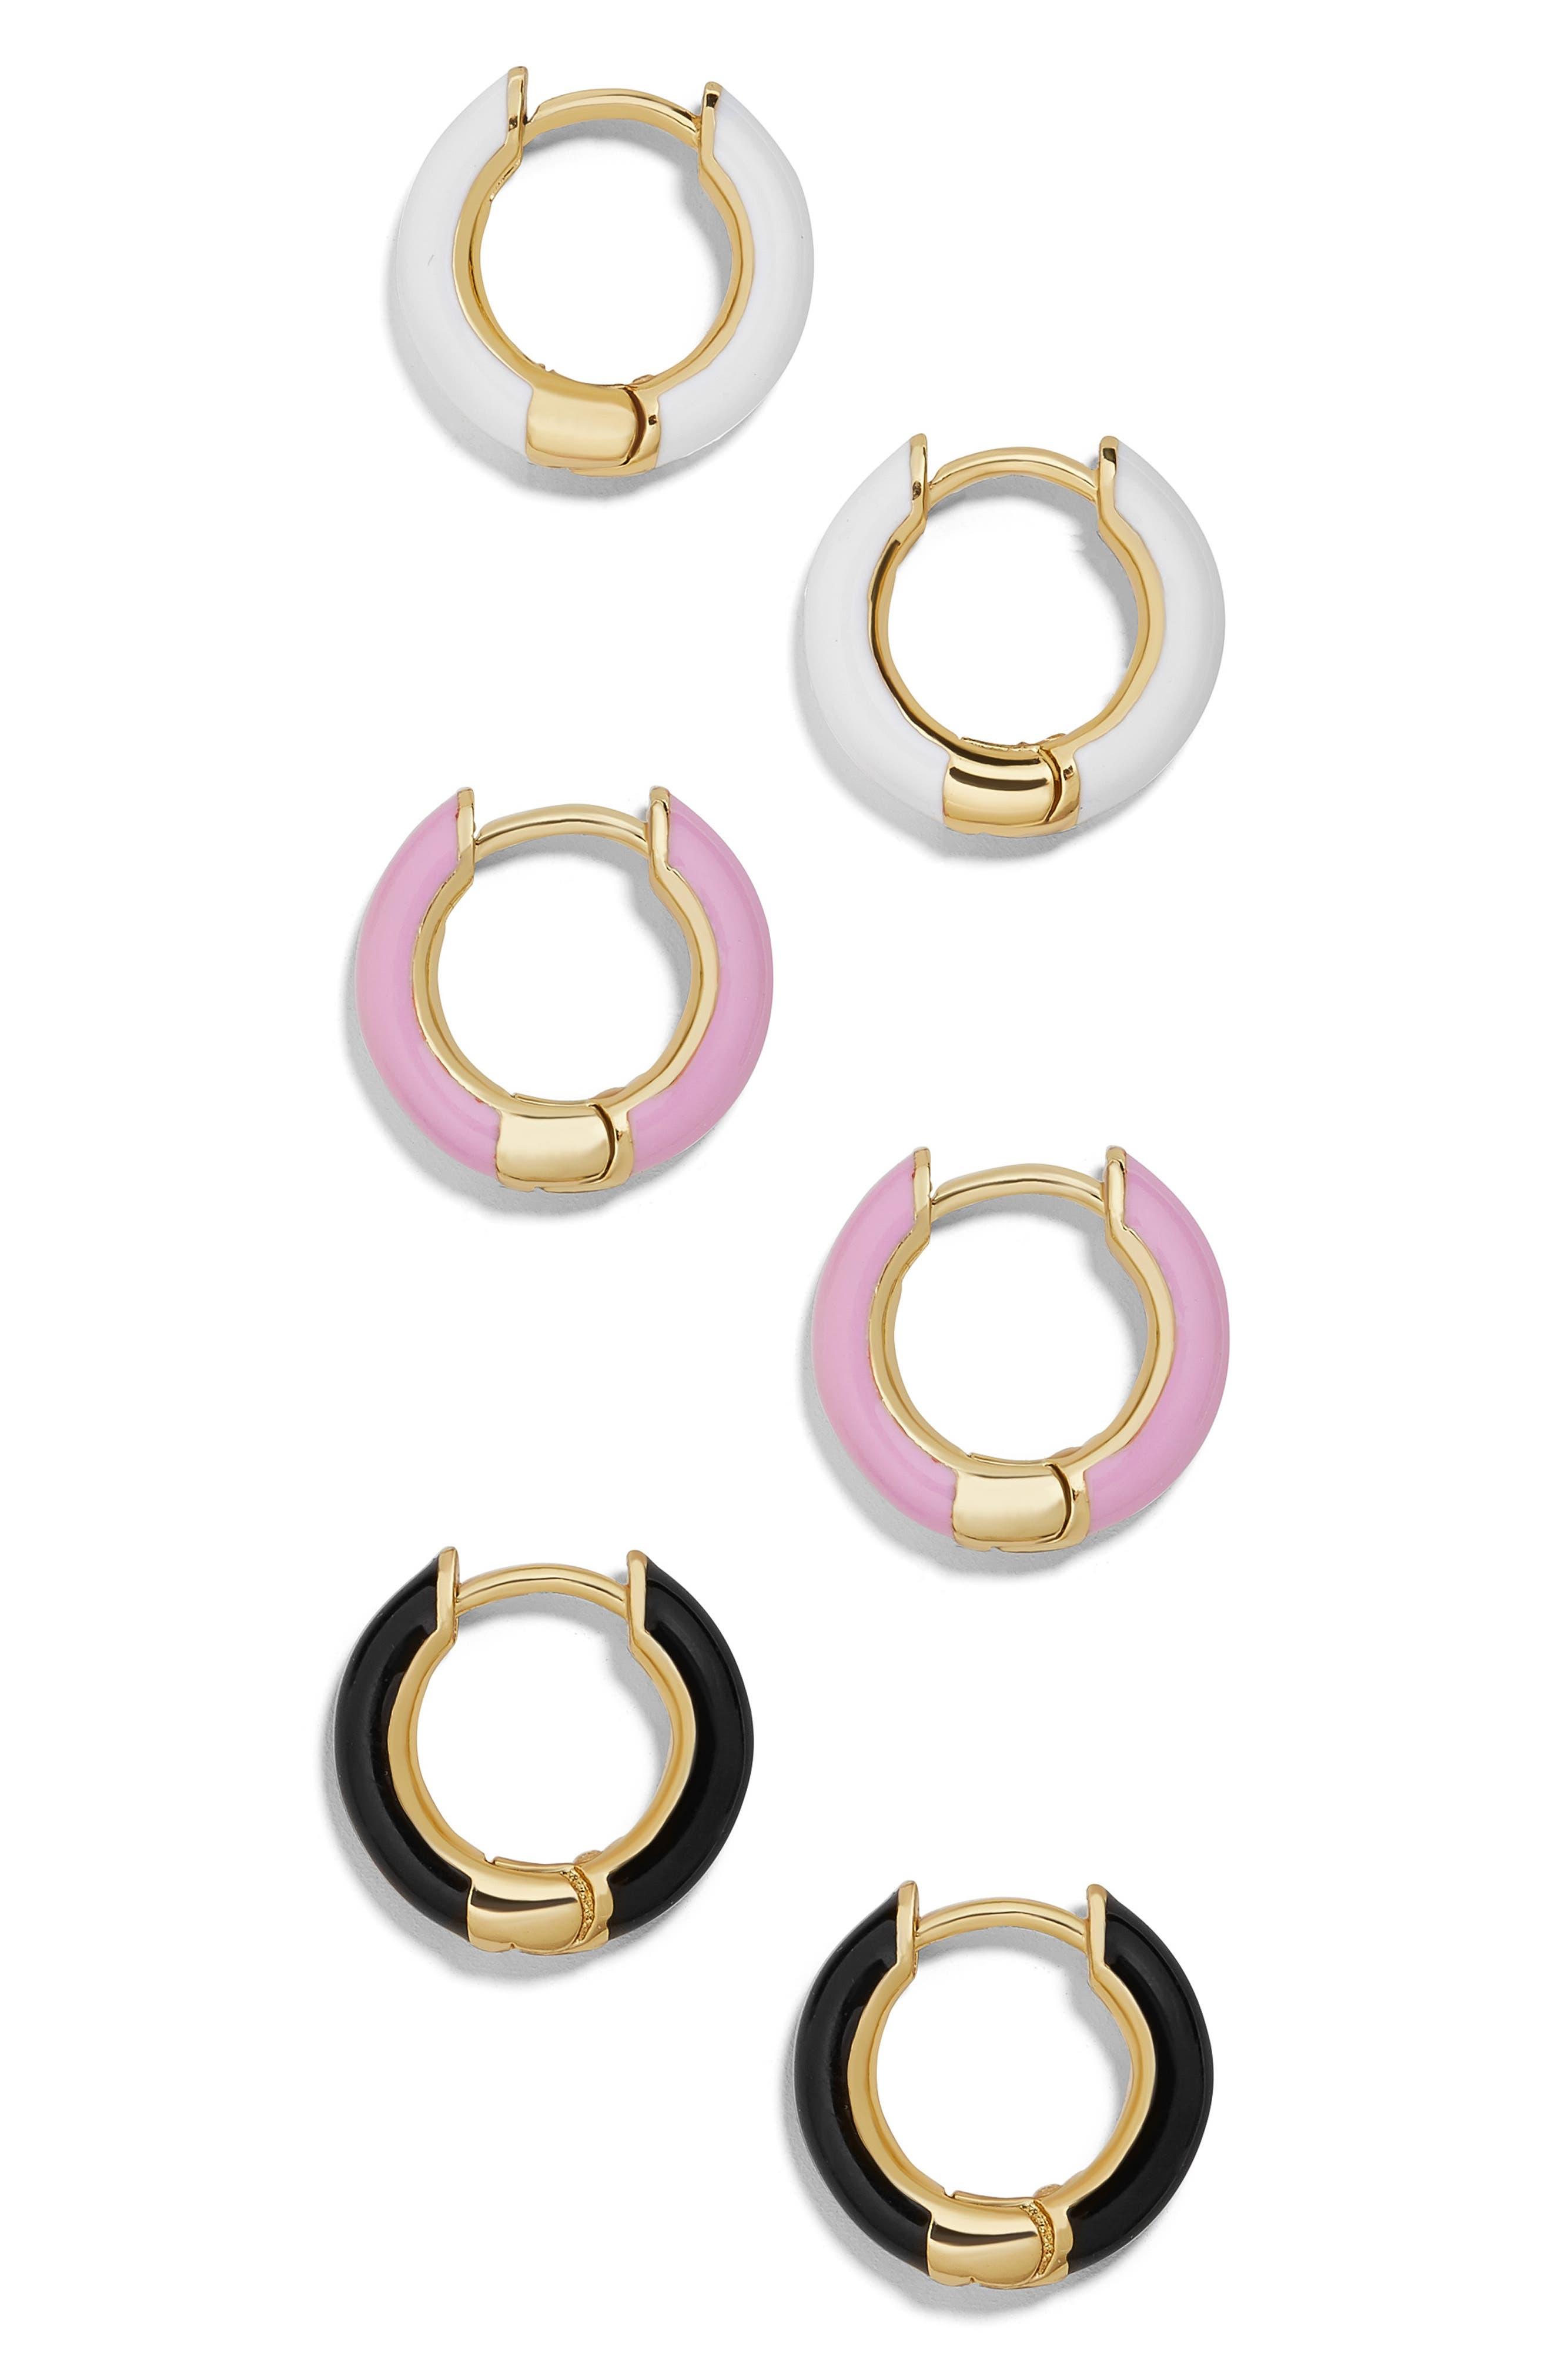 Tiesha Set of 3 Huggie Earrings, Main, color, MULTI